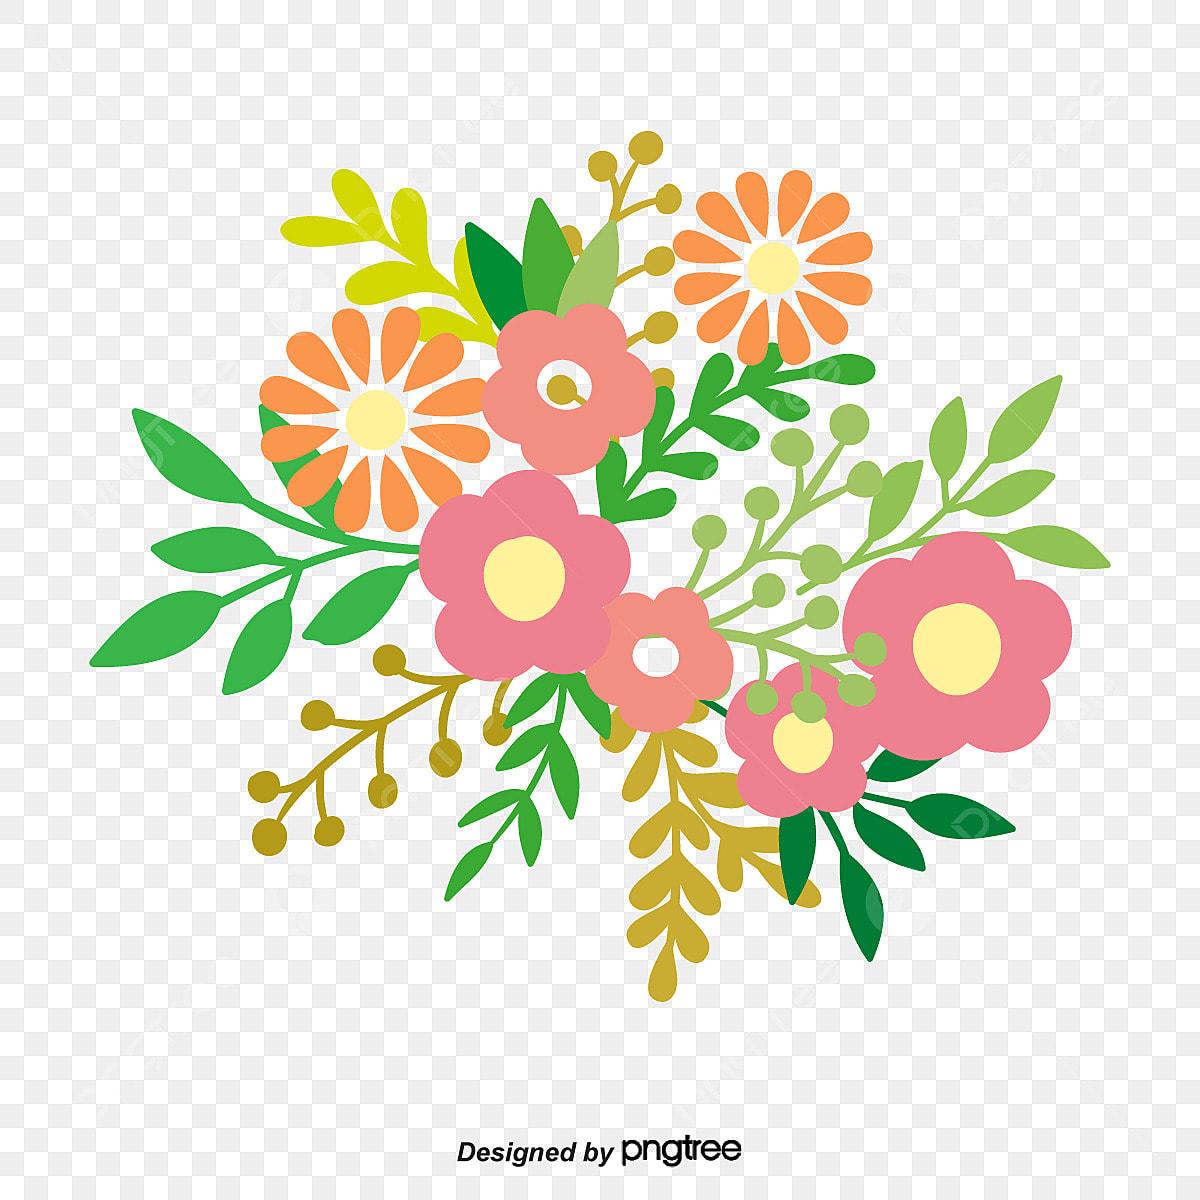 Exquisito Patron De Flor De Diseño De Vectores Gratis